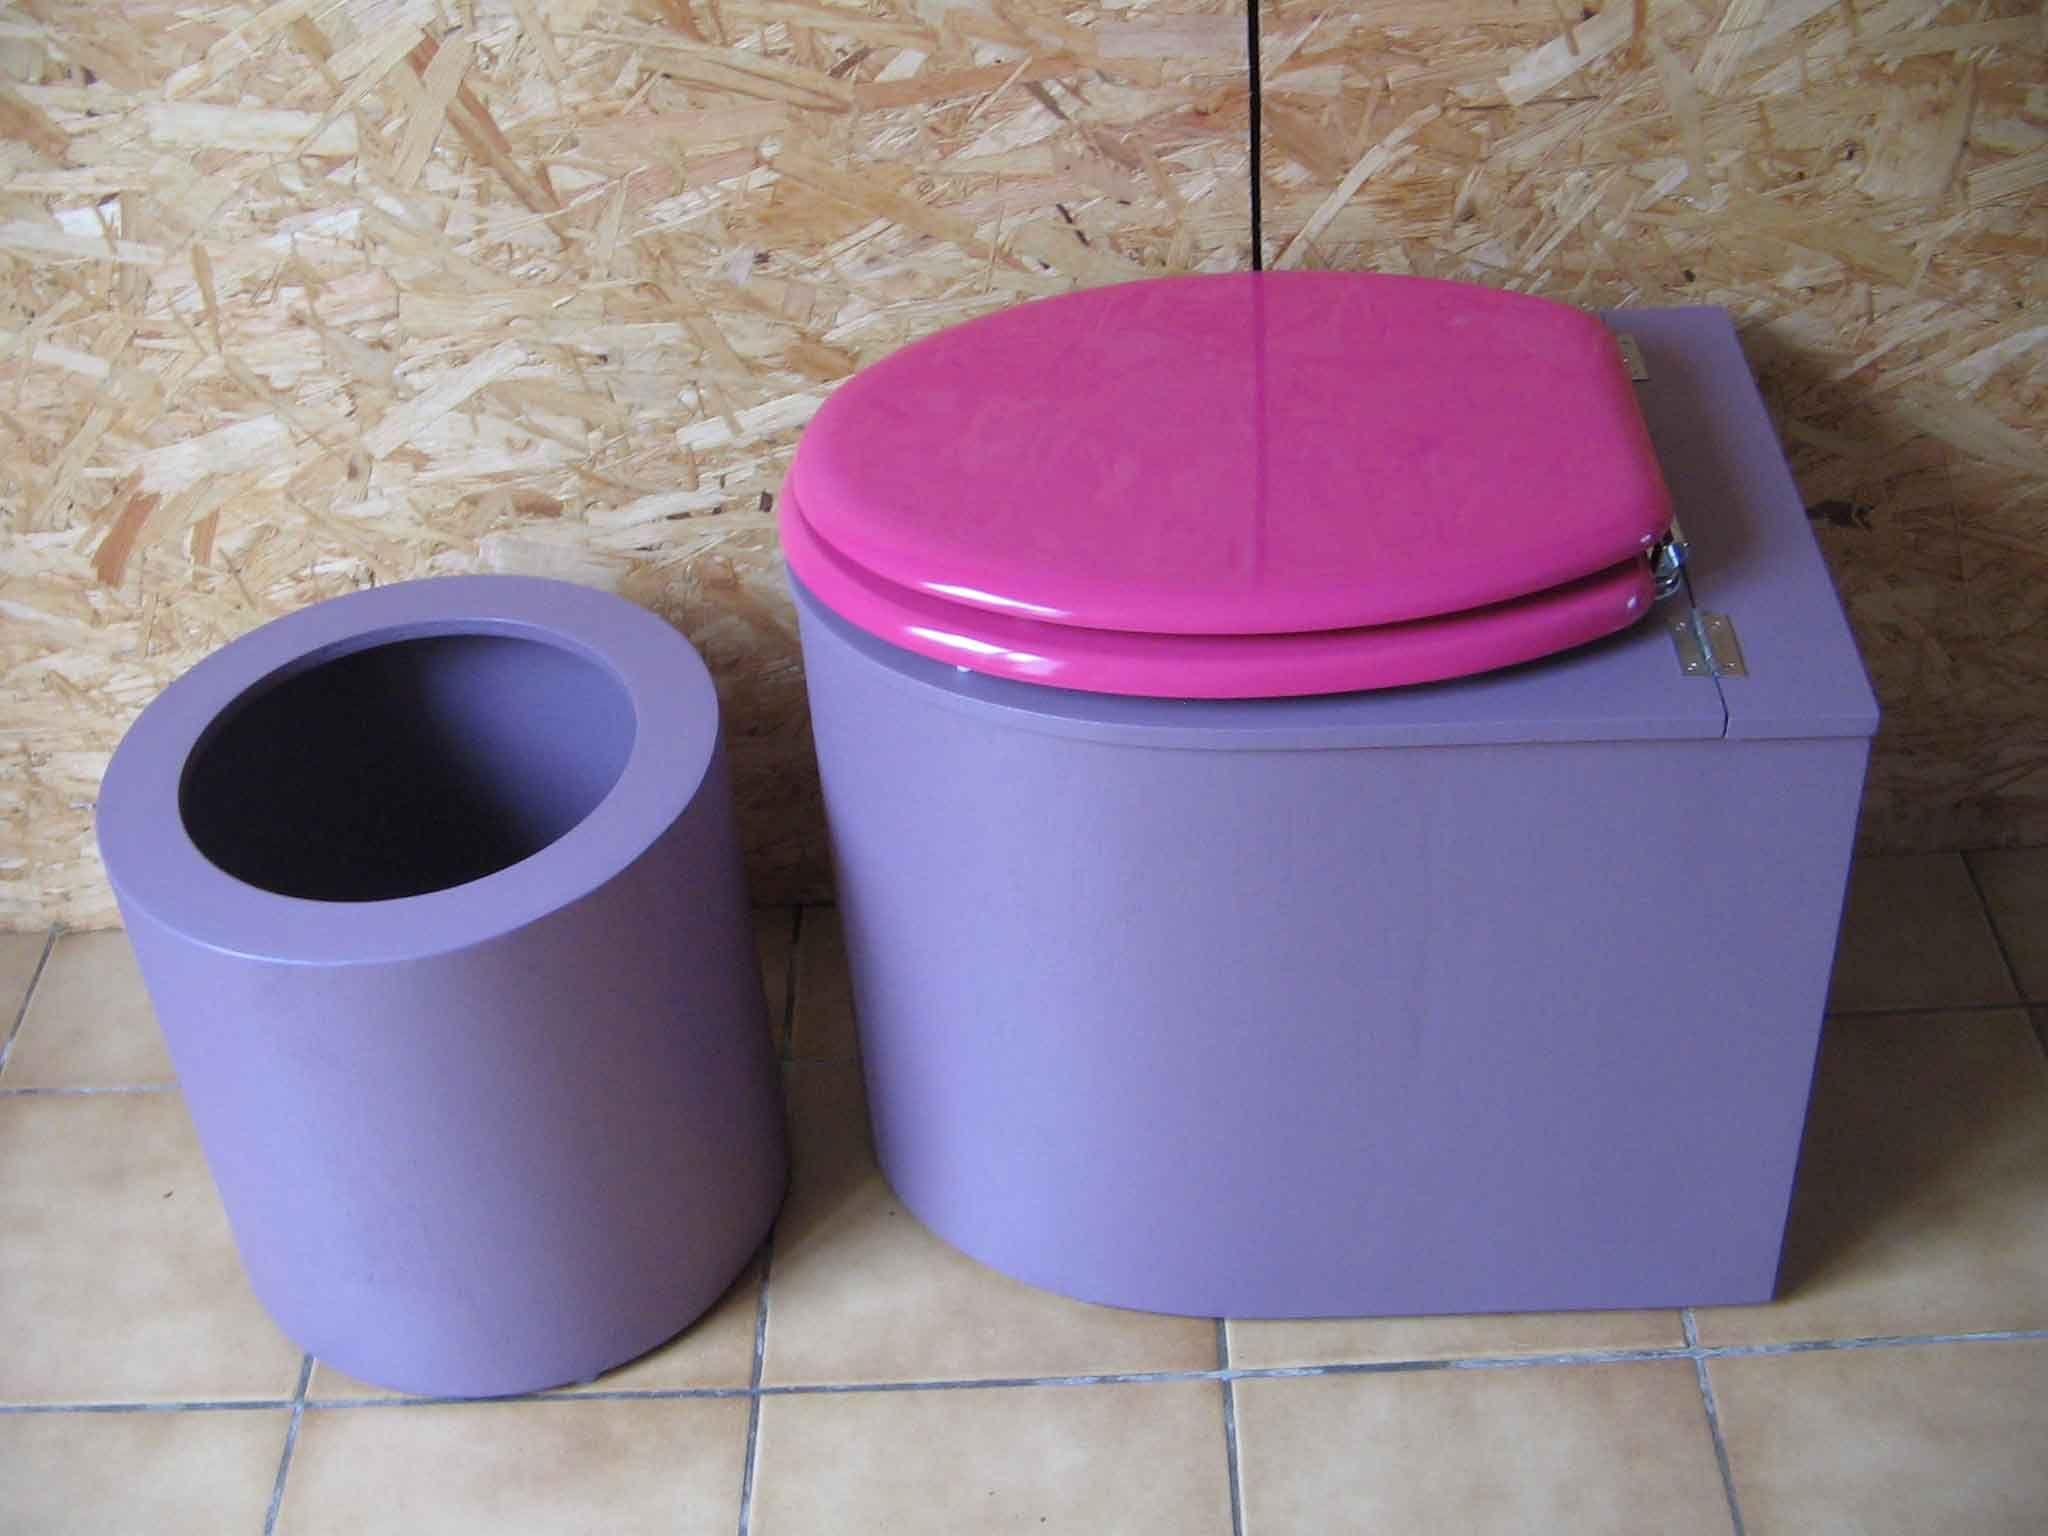 Toilettes Sèches En Appartement toilettes sèches design violette | toilette seche, toilettes